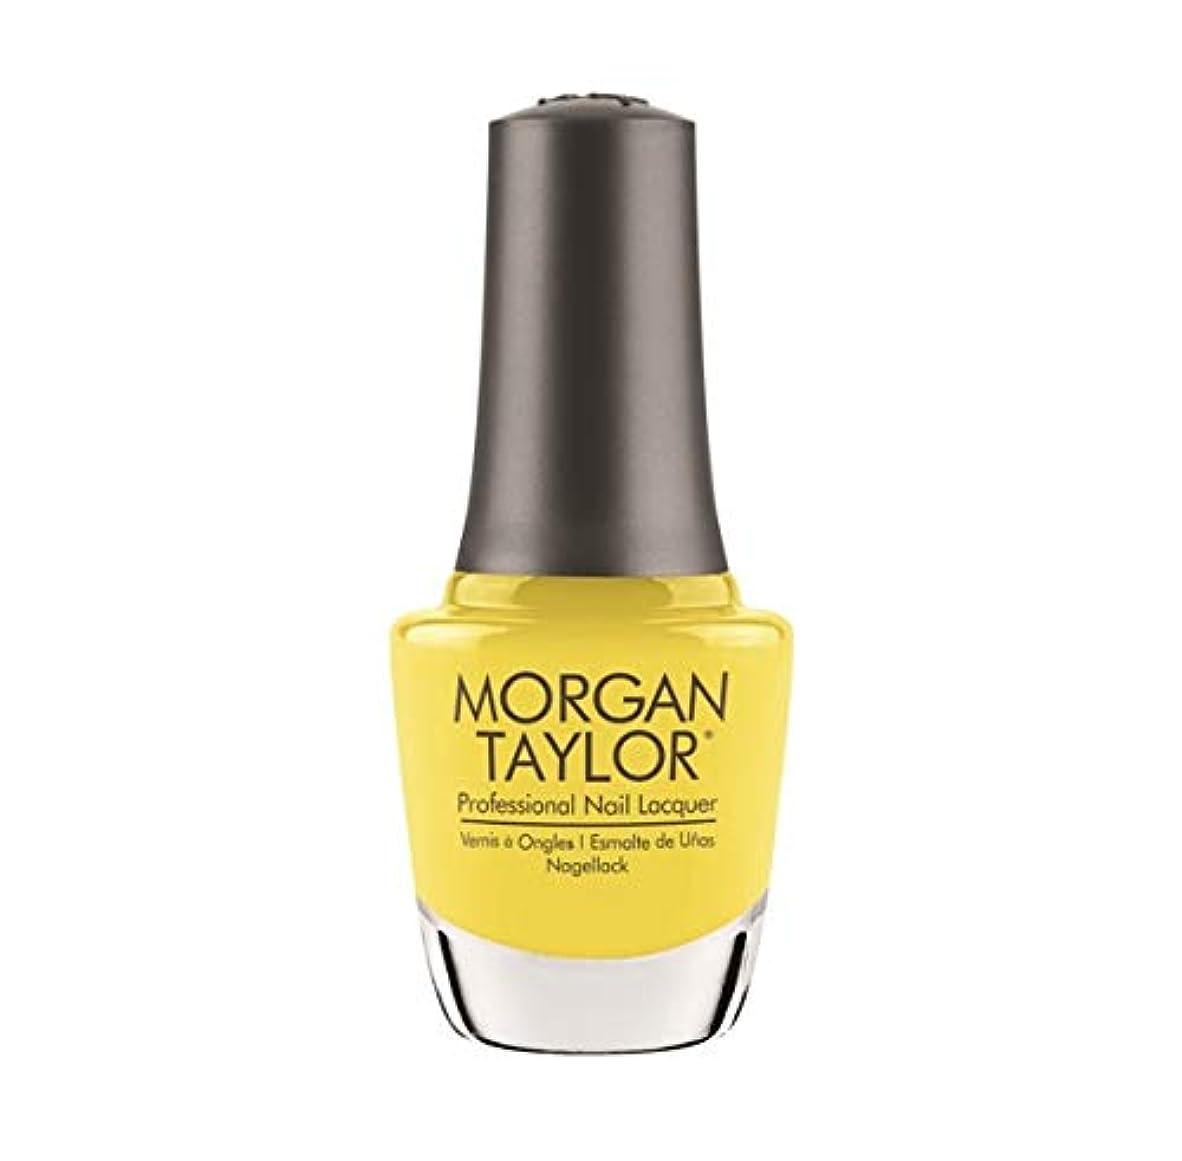 ペチュランス貼り直す自由Morgan Taylor Nail Lacquer - Rocketman Collection - Glow Like A Star - 15ml / 0.5oz